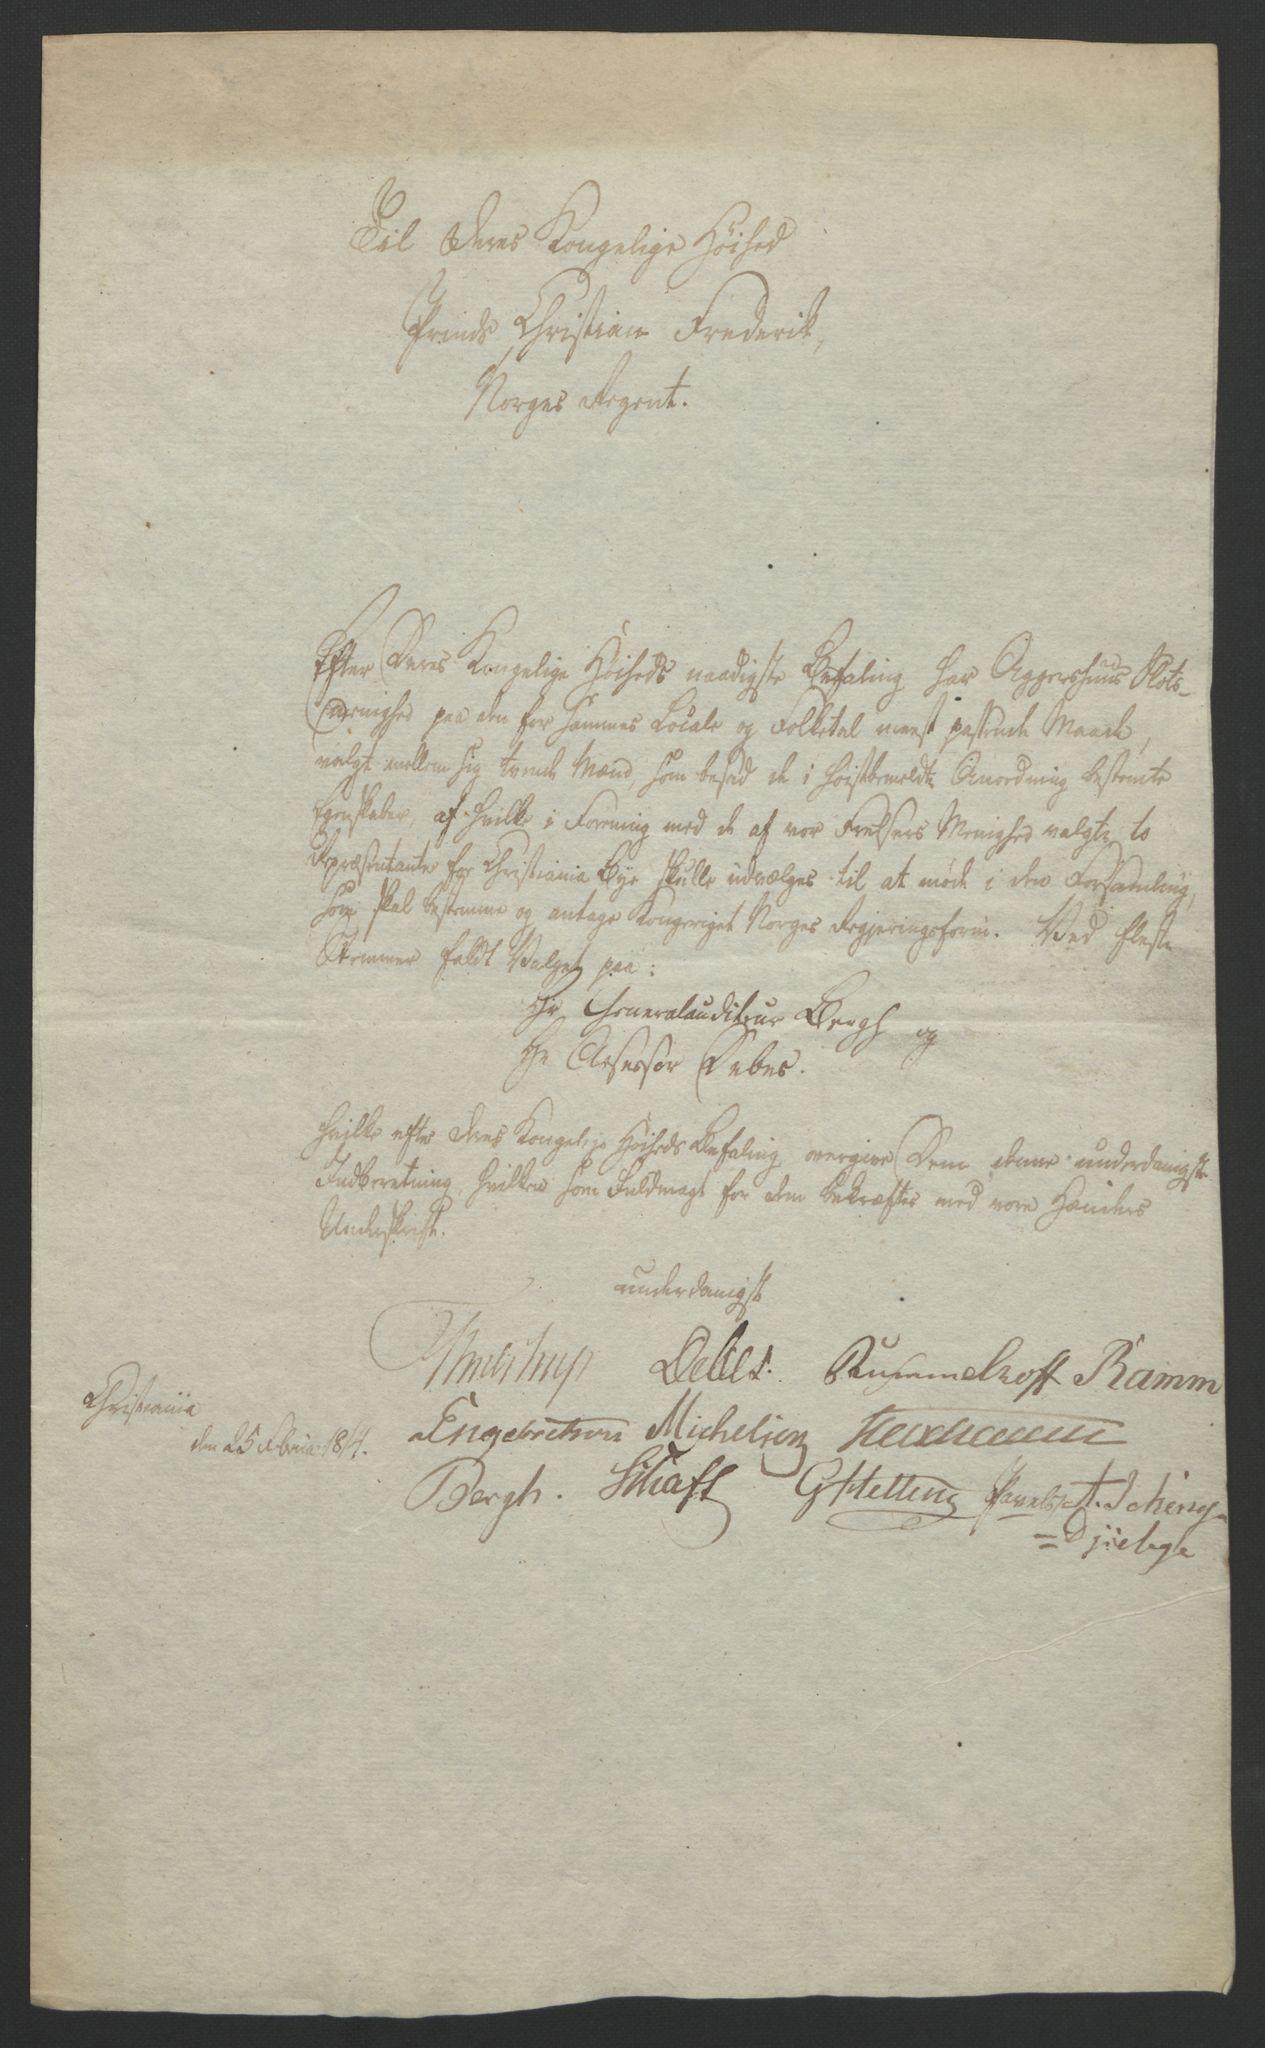 RA, Statsrådssekretariatet, D/Db/L0007: Fullmakter for Eidsvollsrepresentantene i 1814. , 1814, s. 27